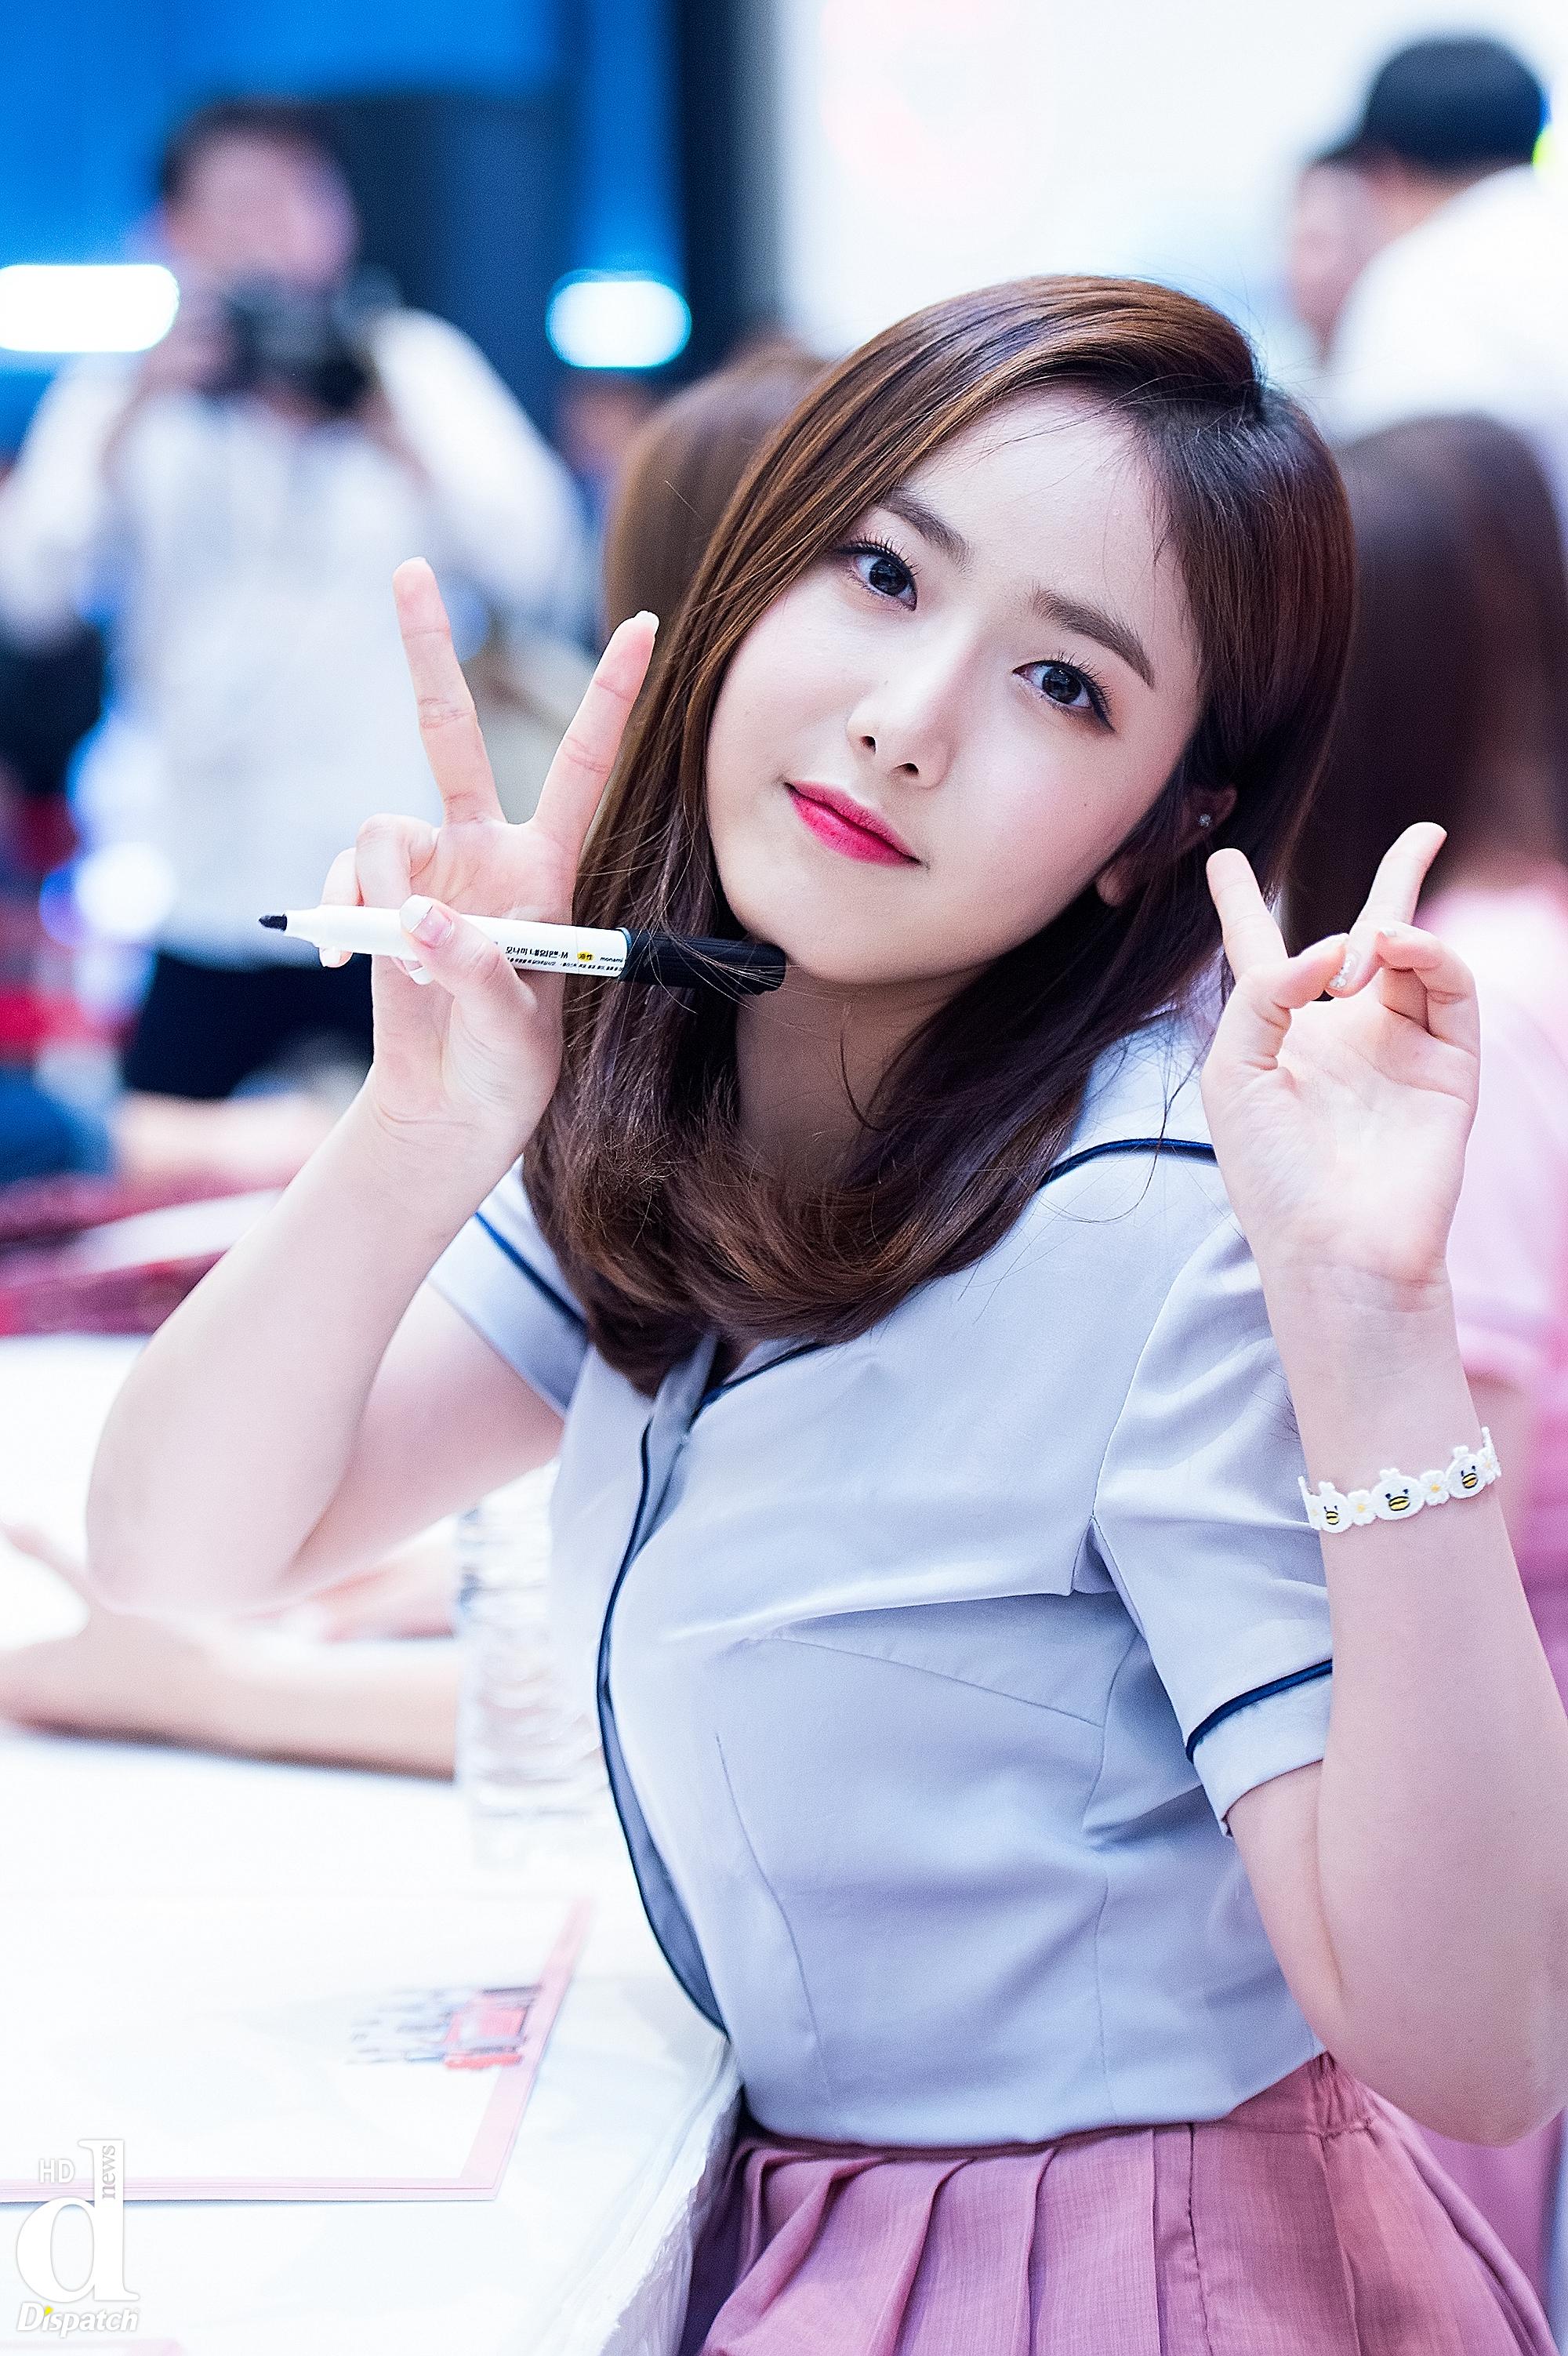 asiachan/K-Pop/G-friend Images